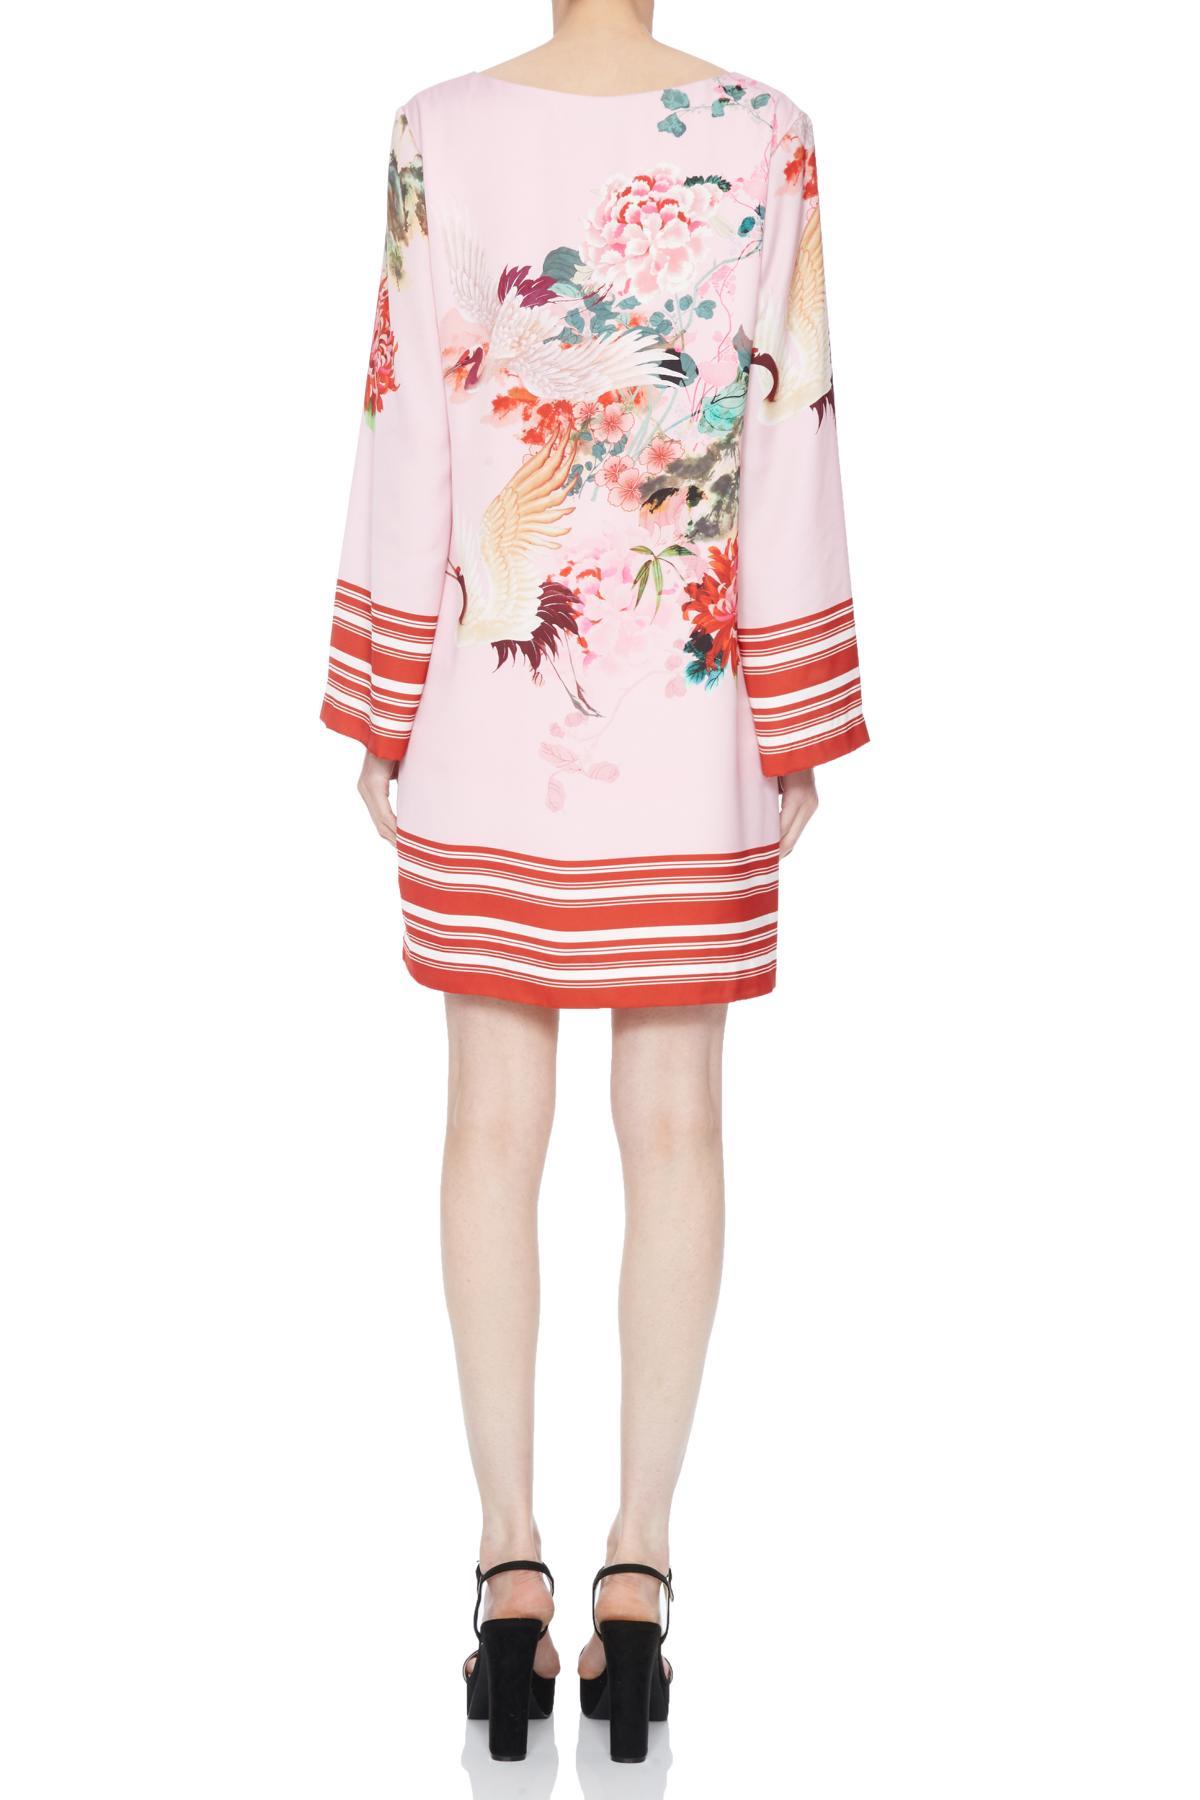 Rear view of Ana Alcazar Tunic Dress Neya  worn by model